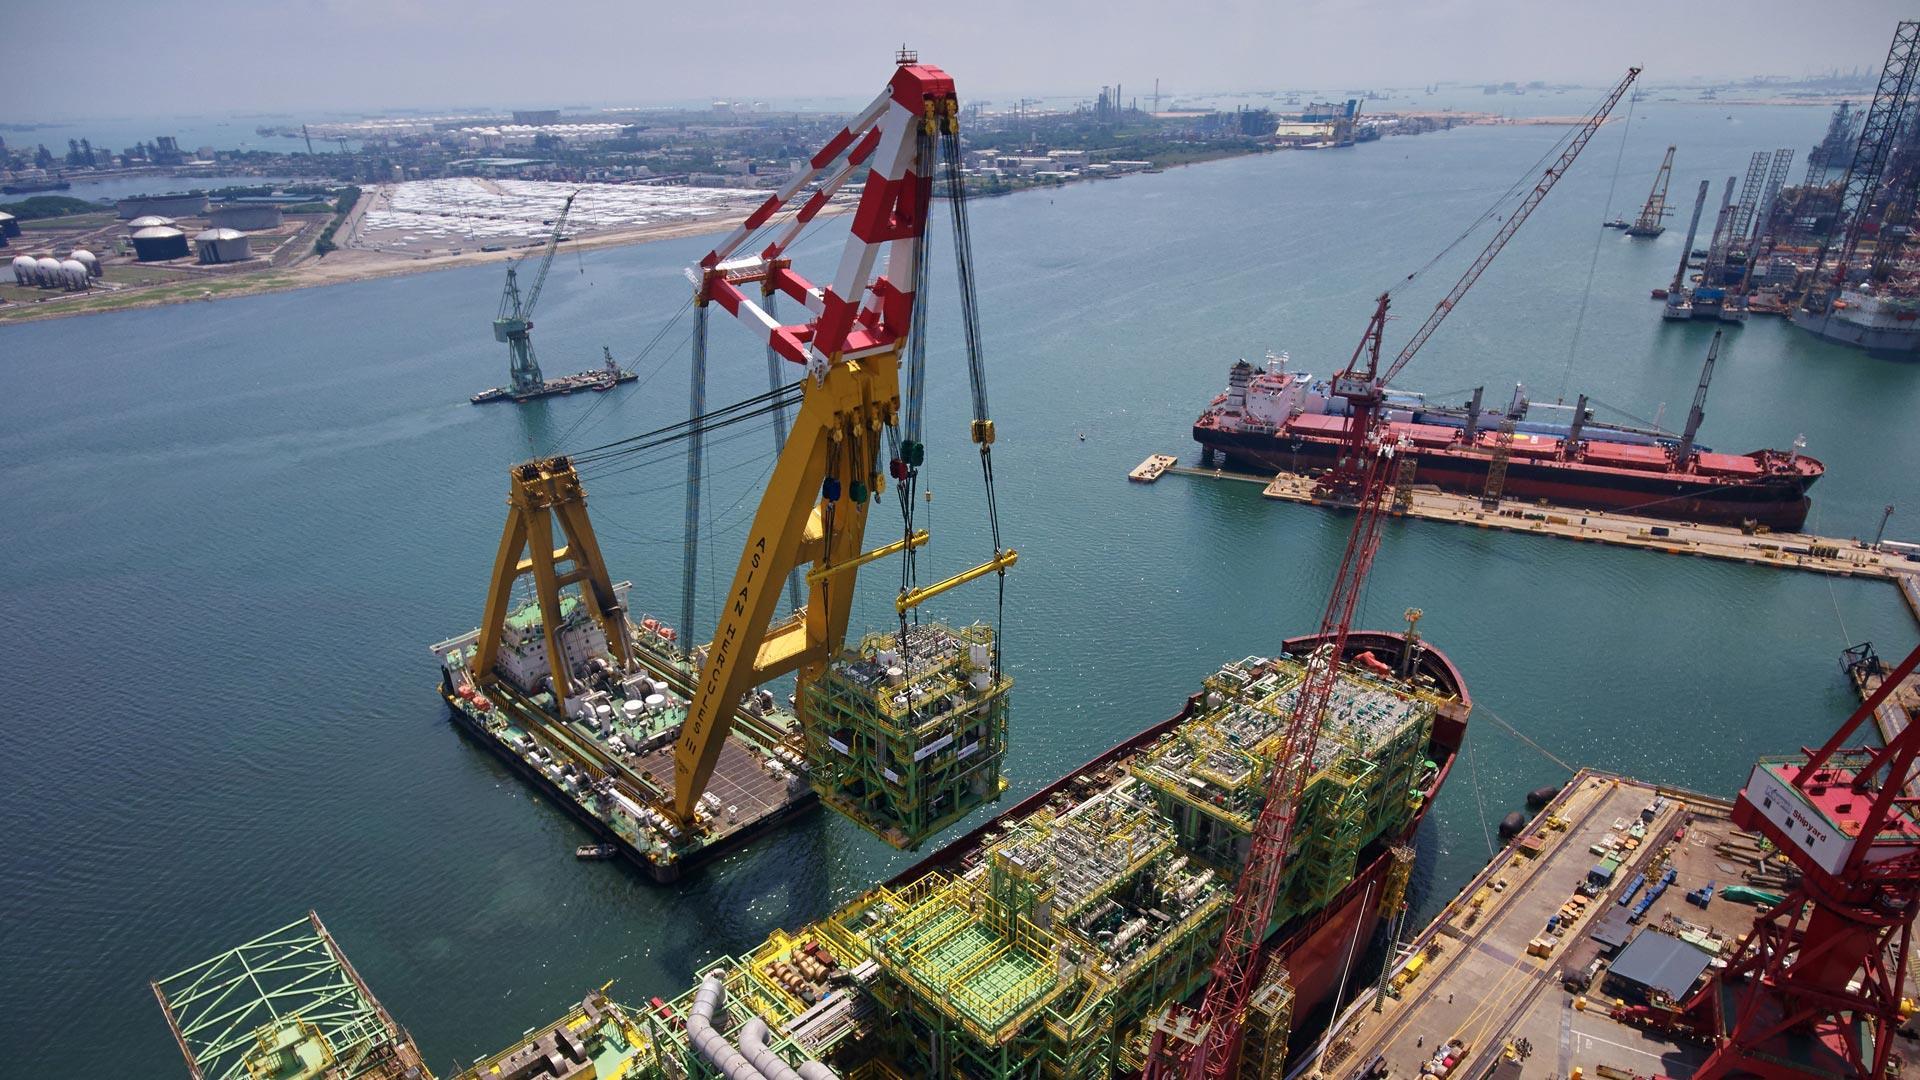 Crane lowering equipment onto ocean vessel